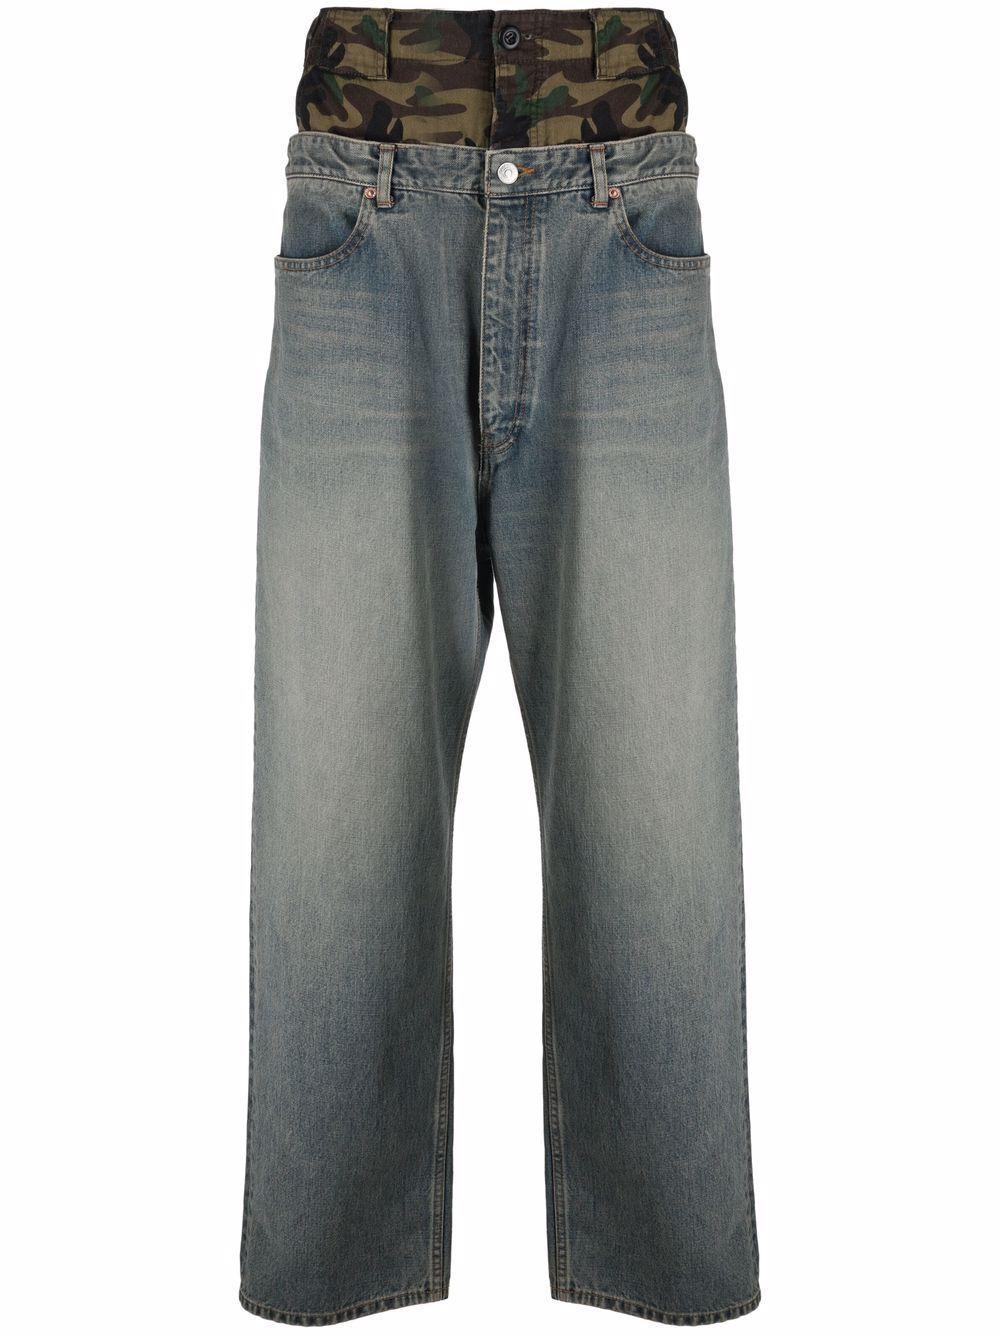 Jeans double waistband